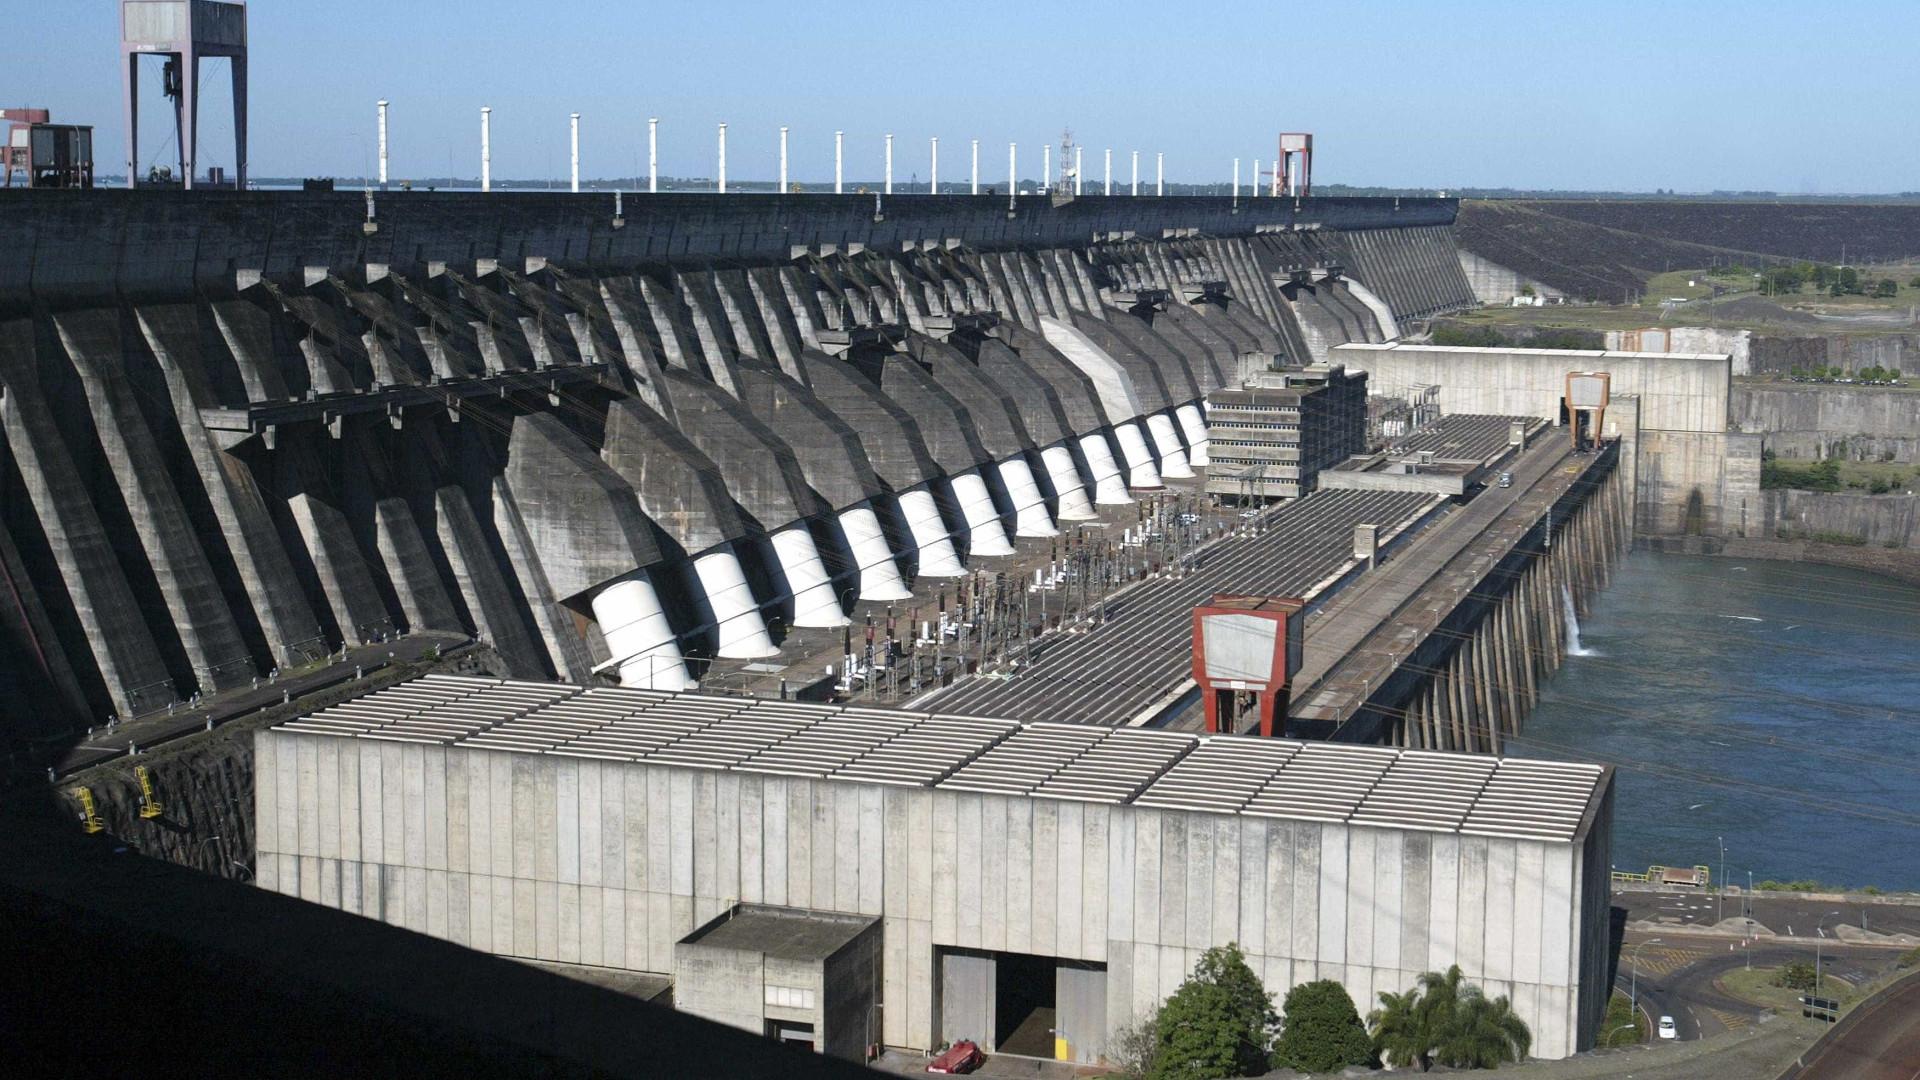 Pior crise hídrica em 90 anos expõe falhas do modelo elétrico